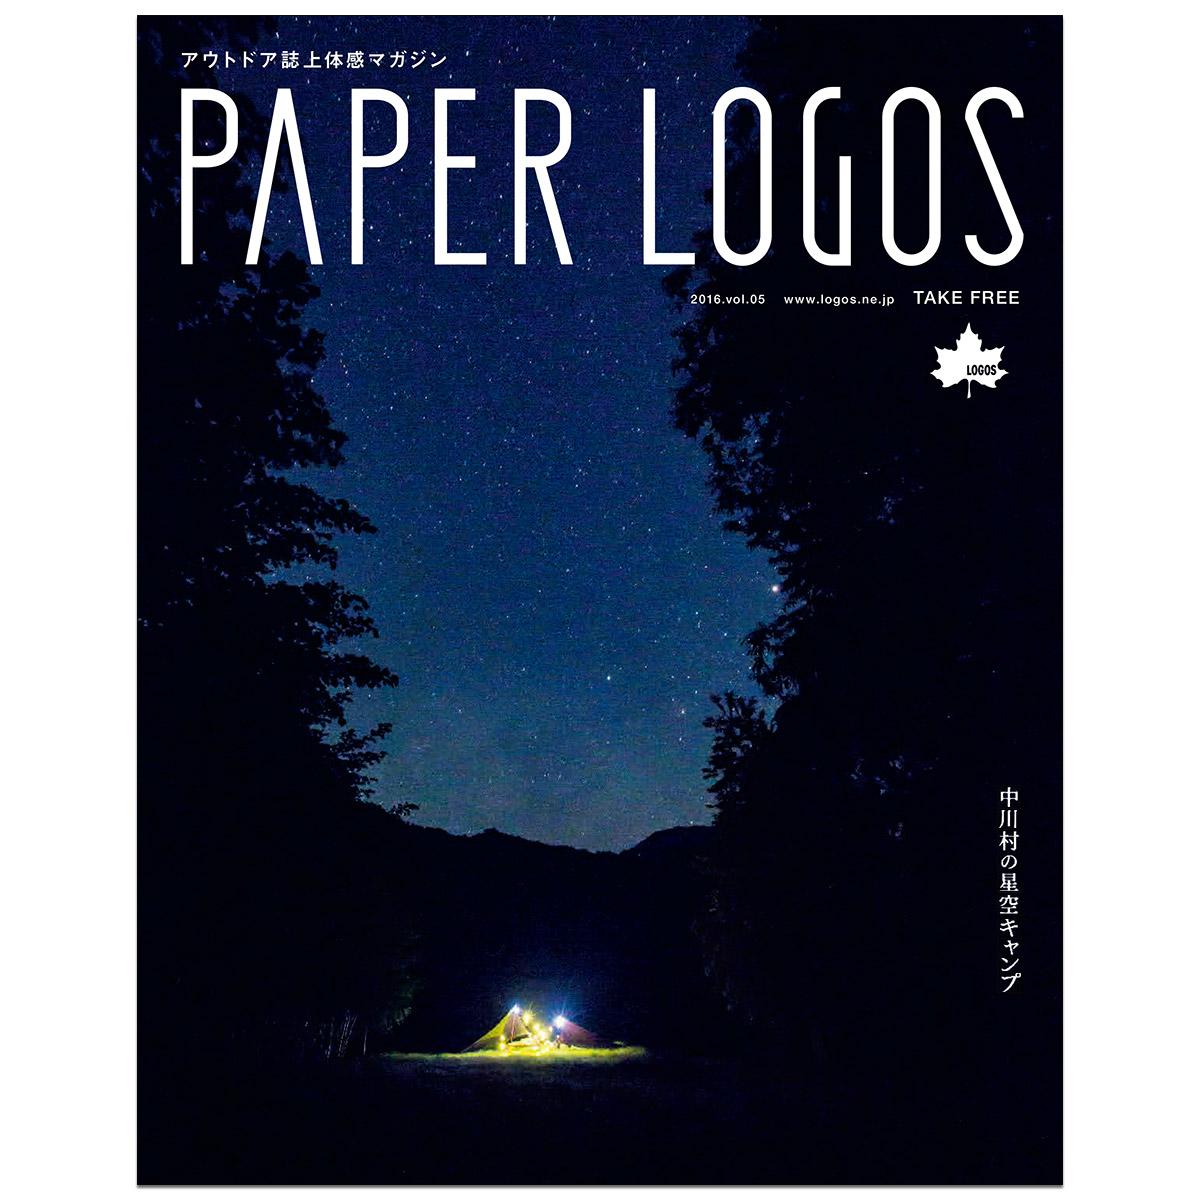 PAPER LOGOS Vol.5